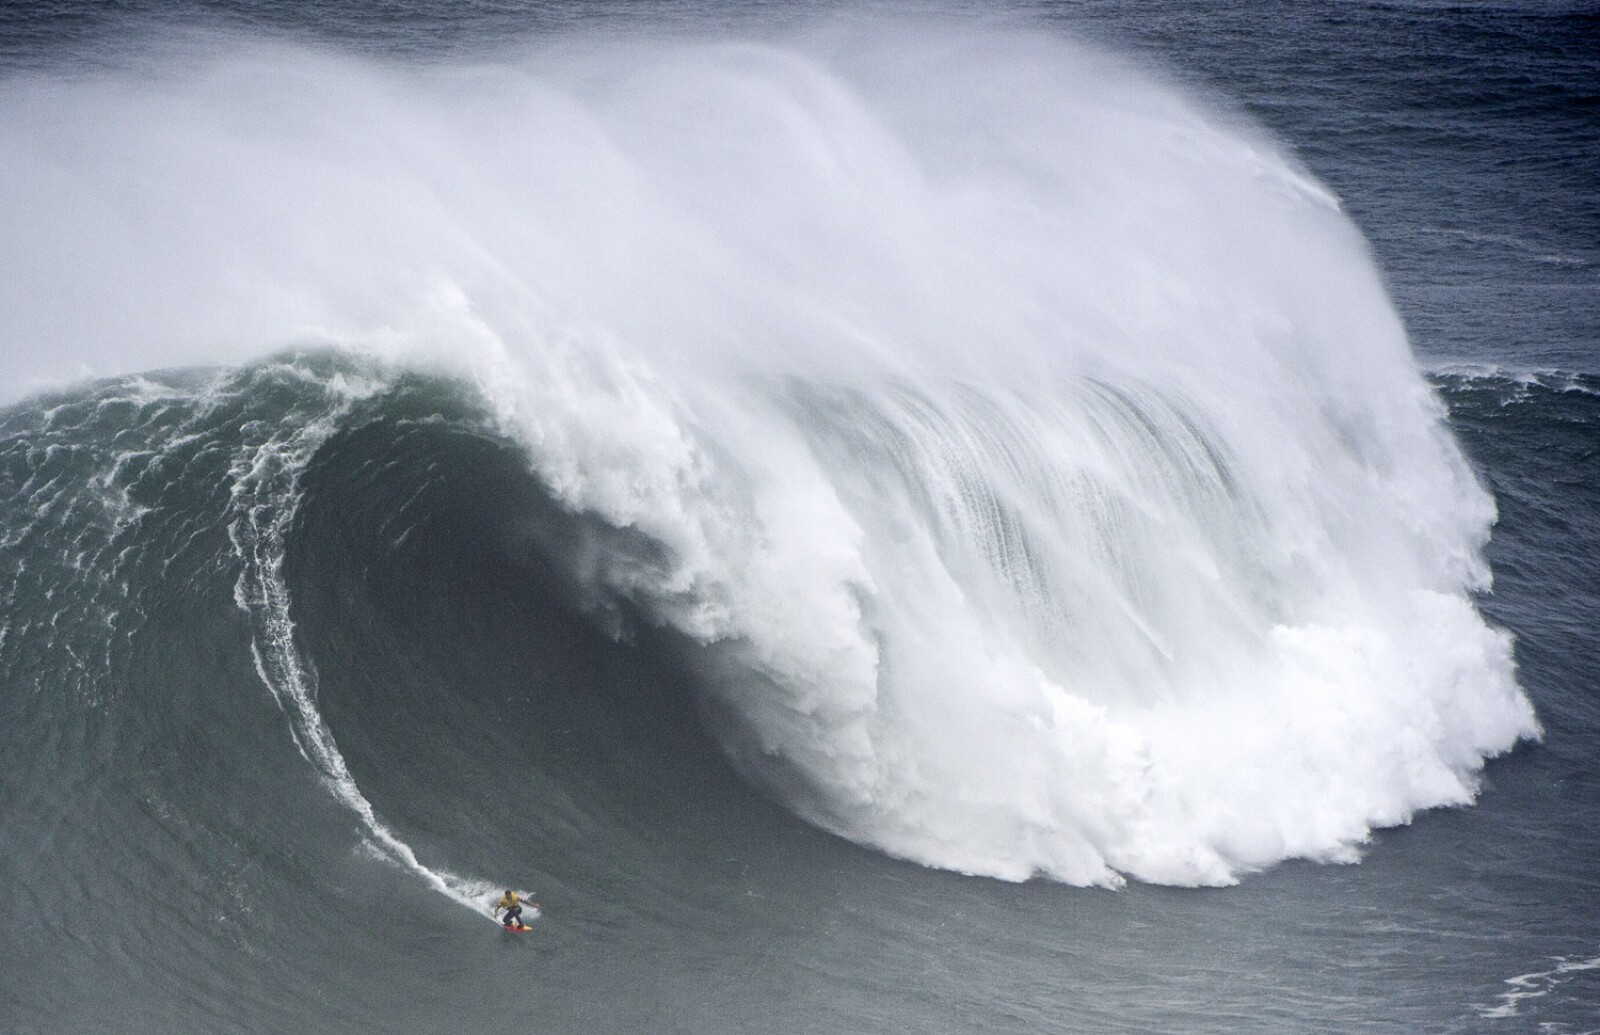 SURFING-POR-BIG WAVE-CHALLENGE